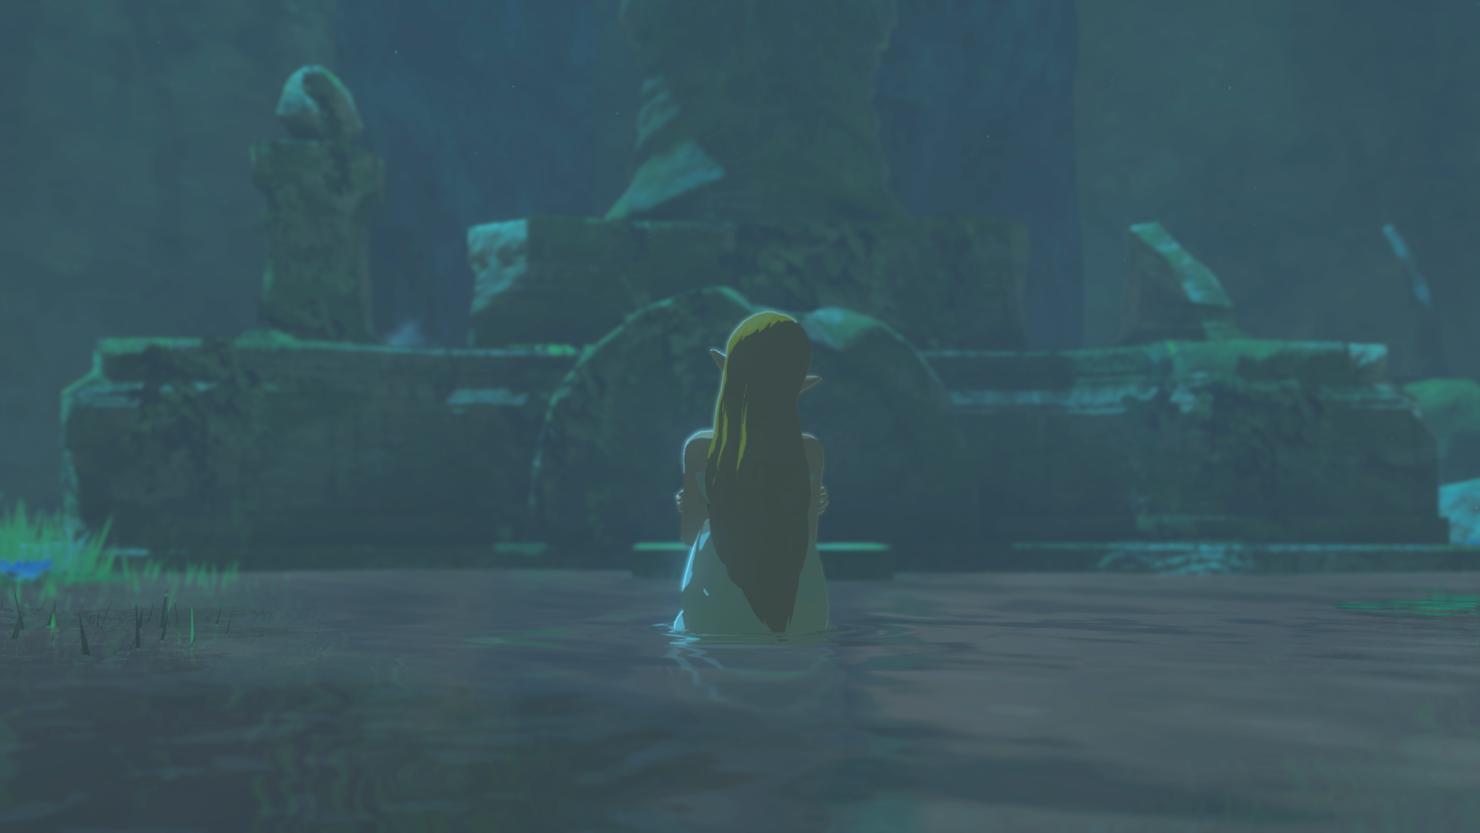 zelda-breath-of-the-wild-screenshots22